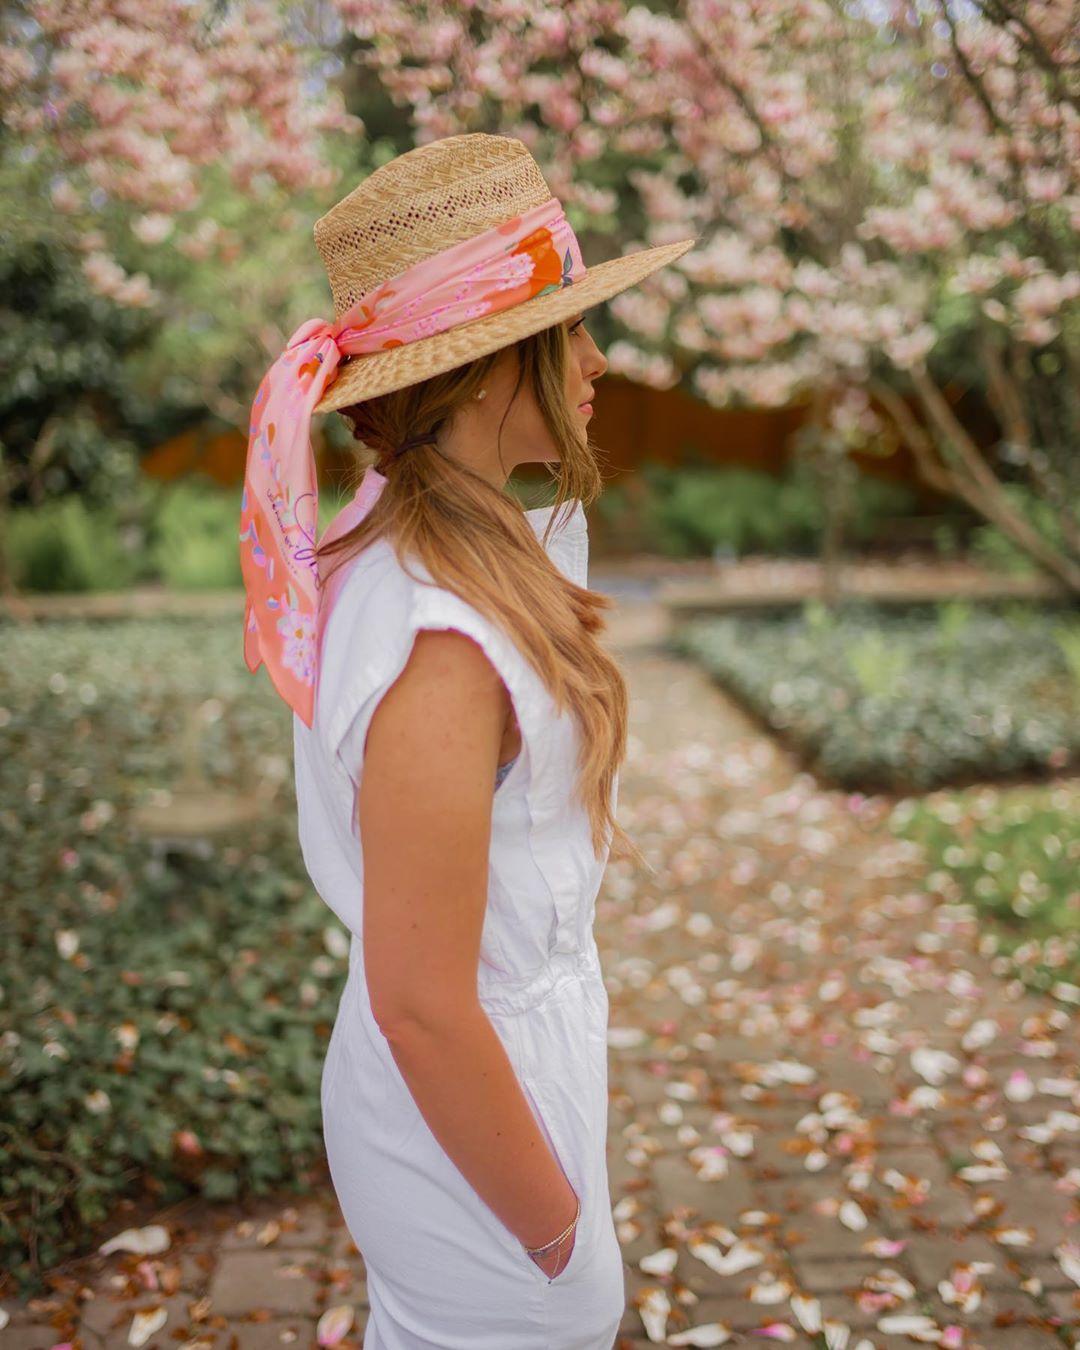 cô gái mặc đẹp với mũ rộng vàng thắt khăn bandana màu đỏ